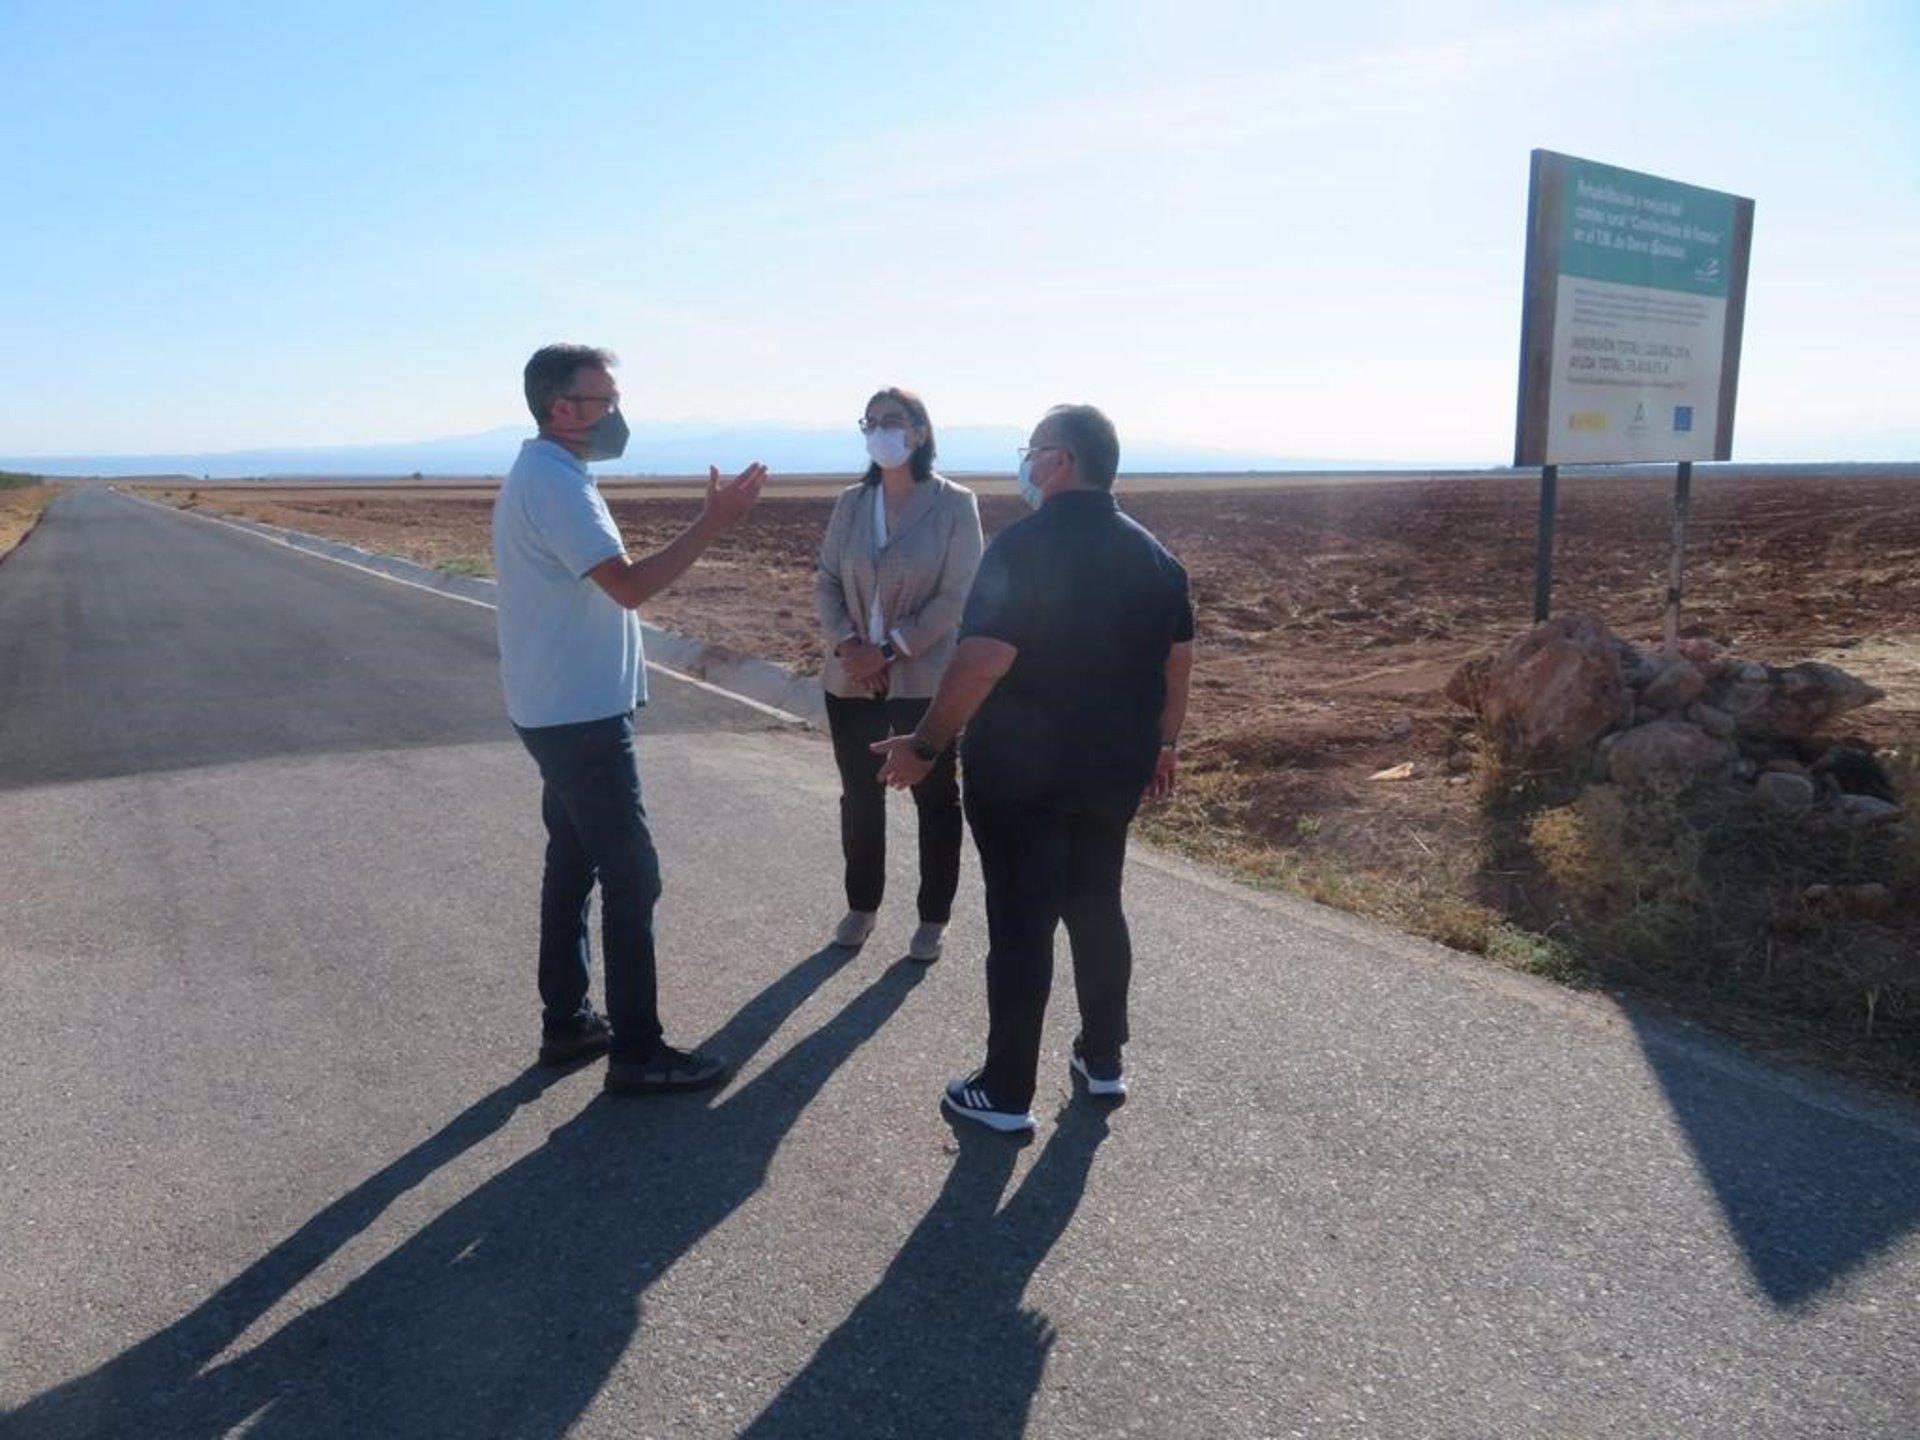 La Junta invierte más de 4,3 millones en la mejora de caminos rurales de 60 municipios